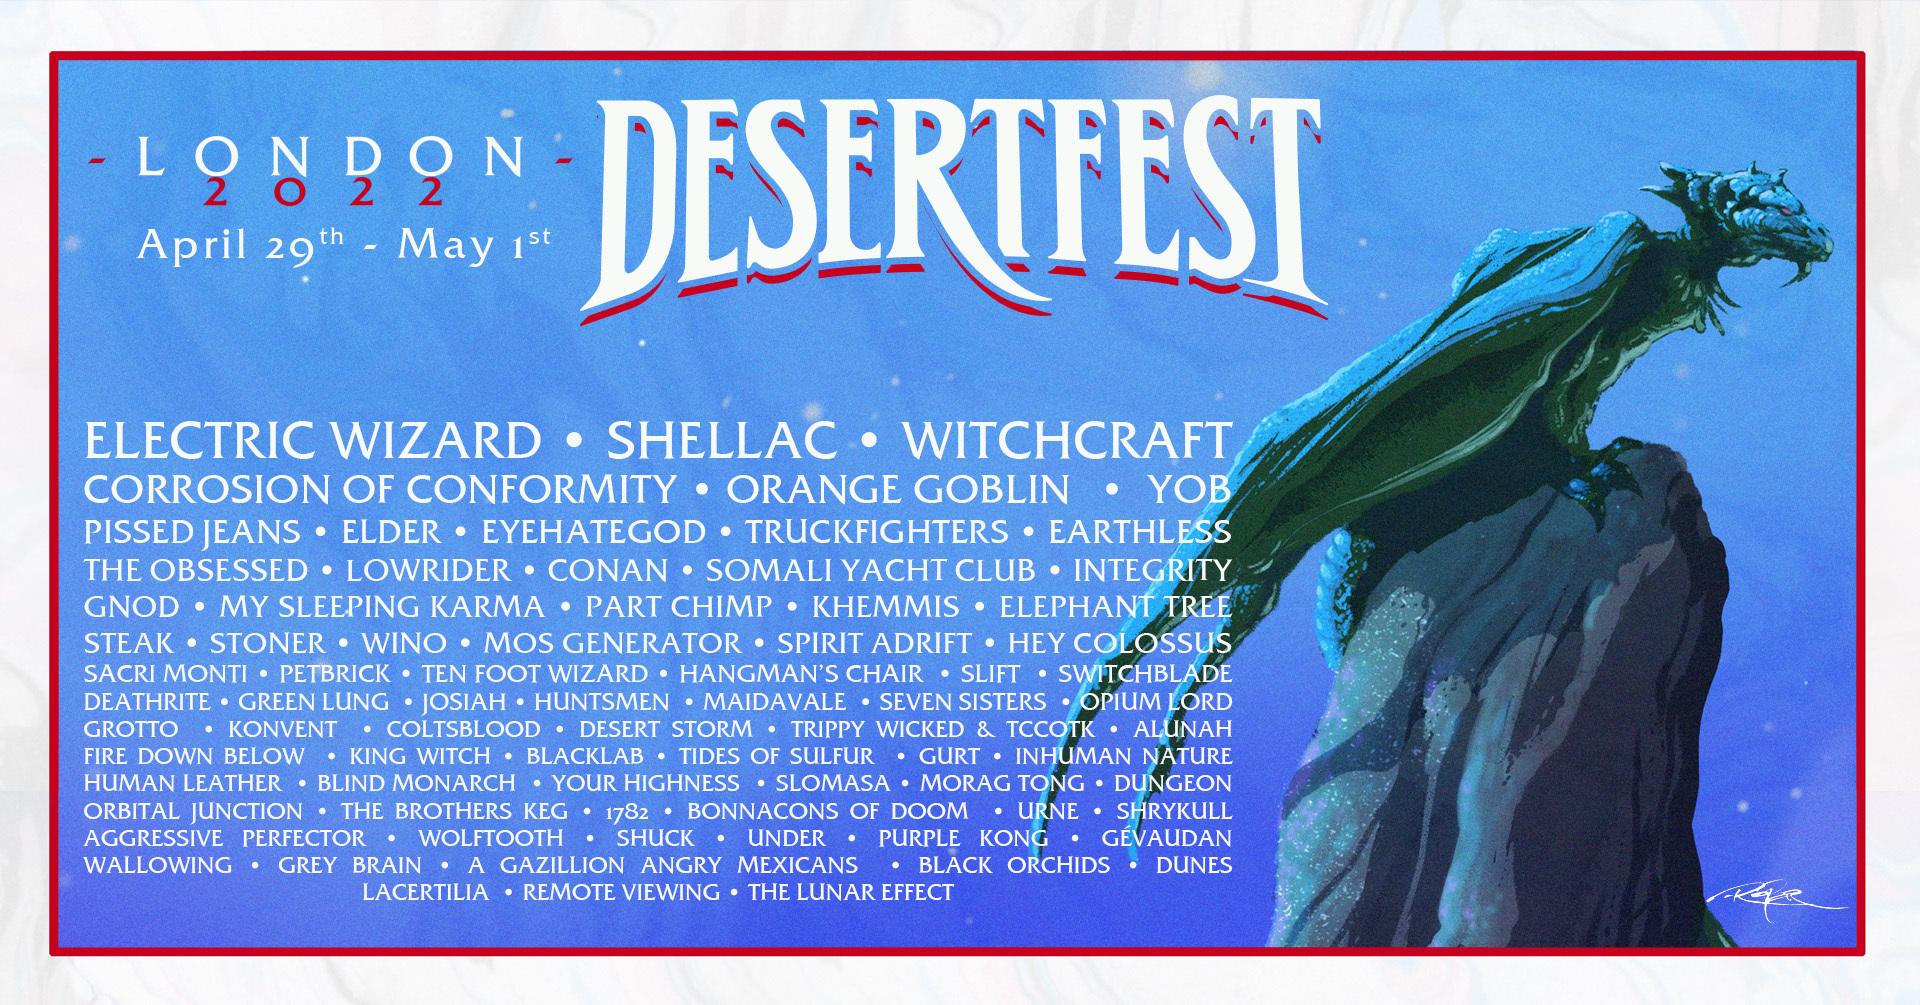 desertfest london 2022 banner